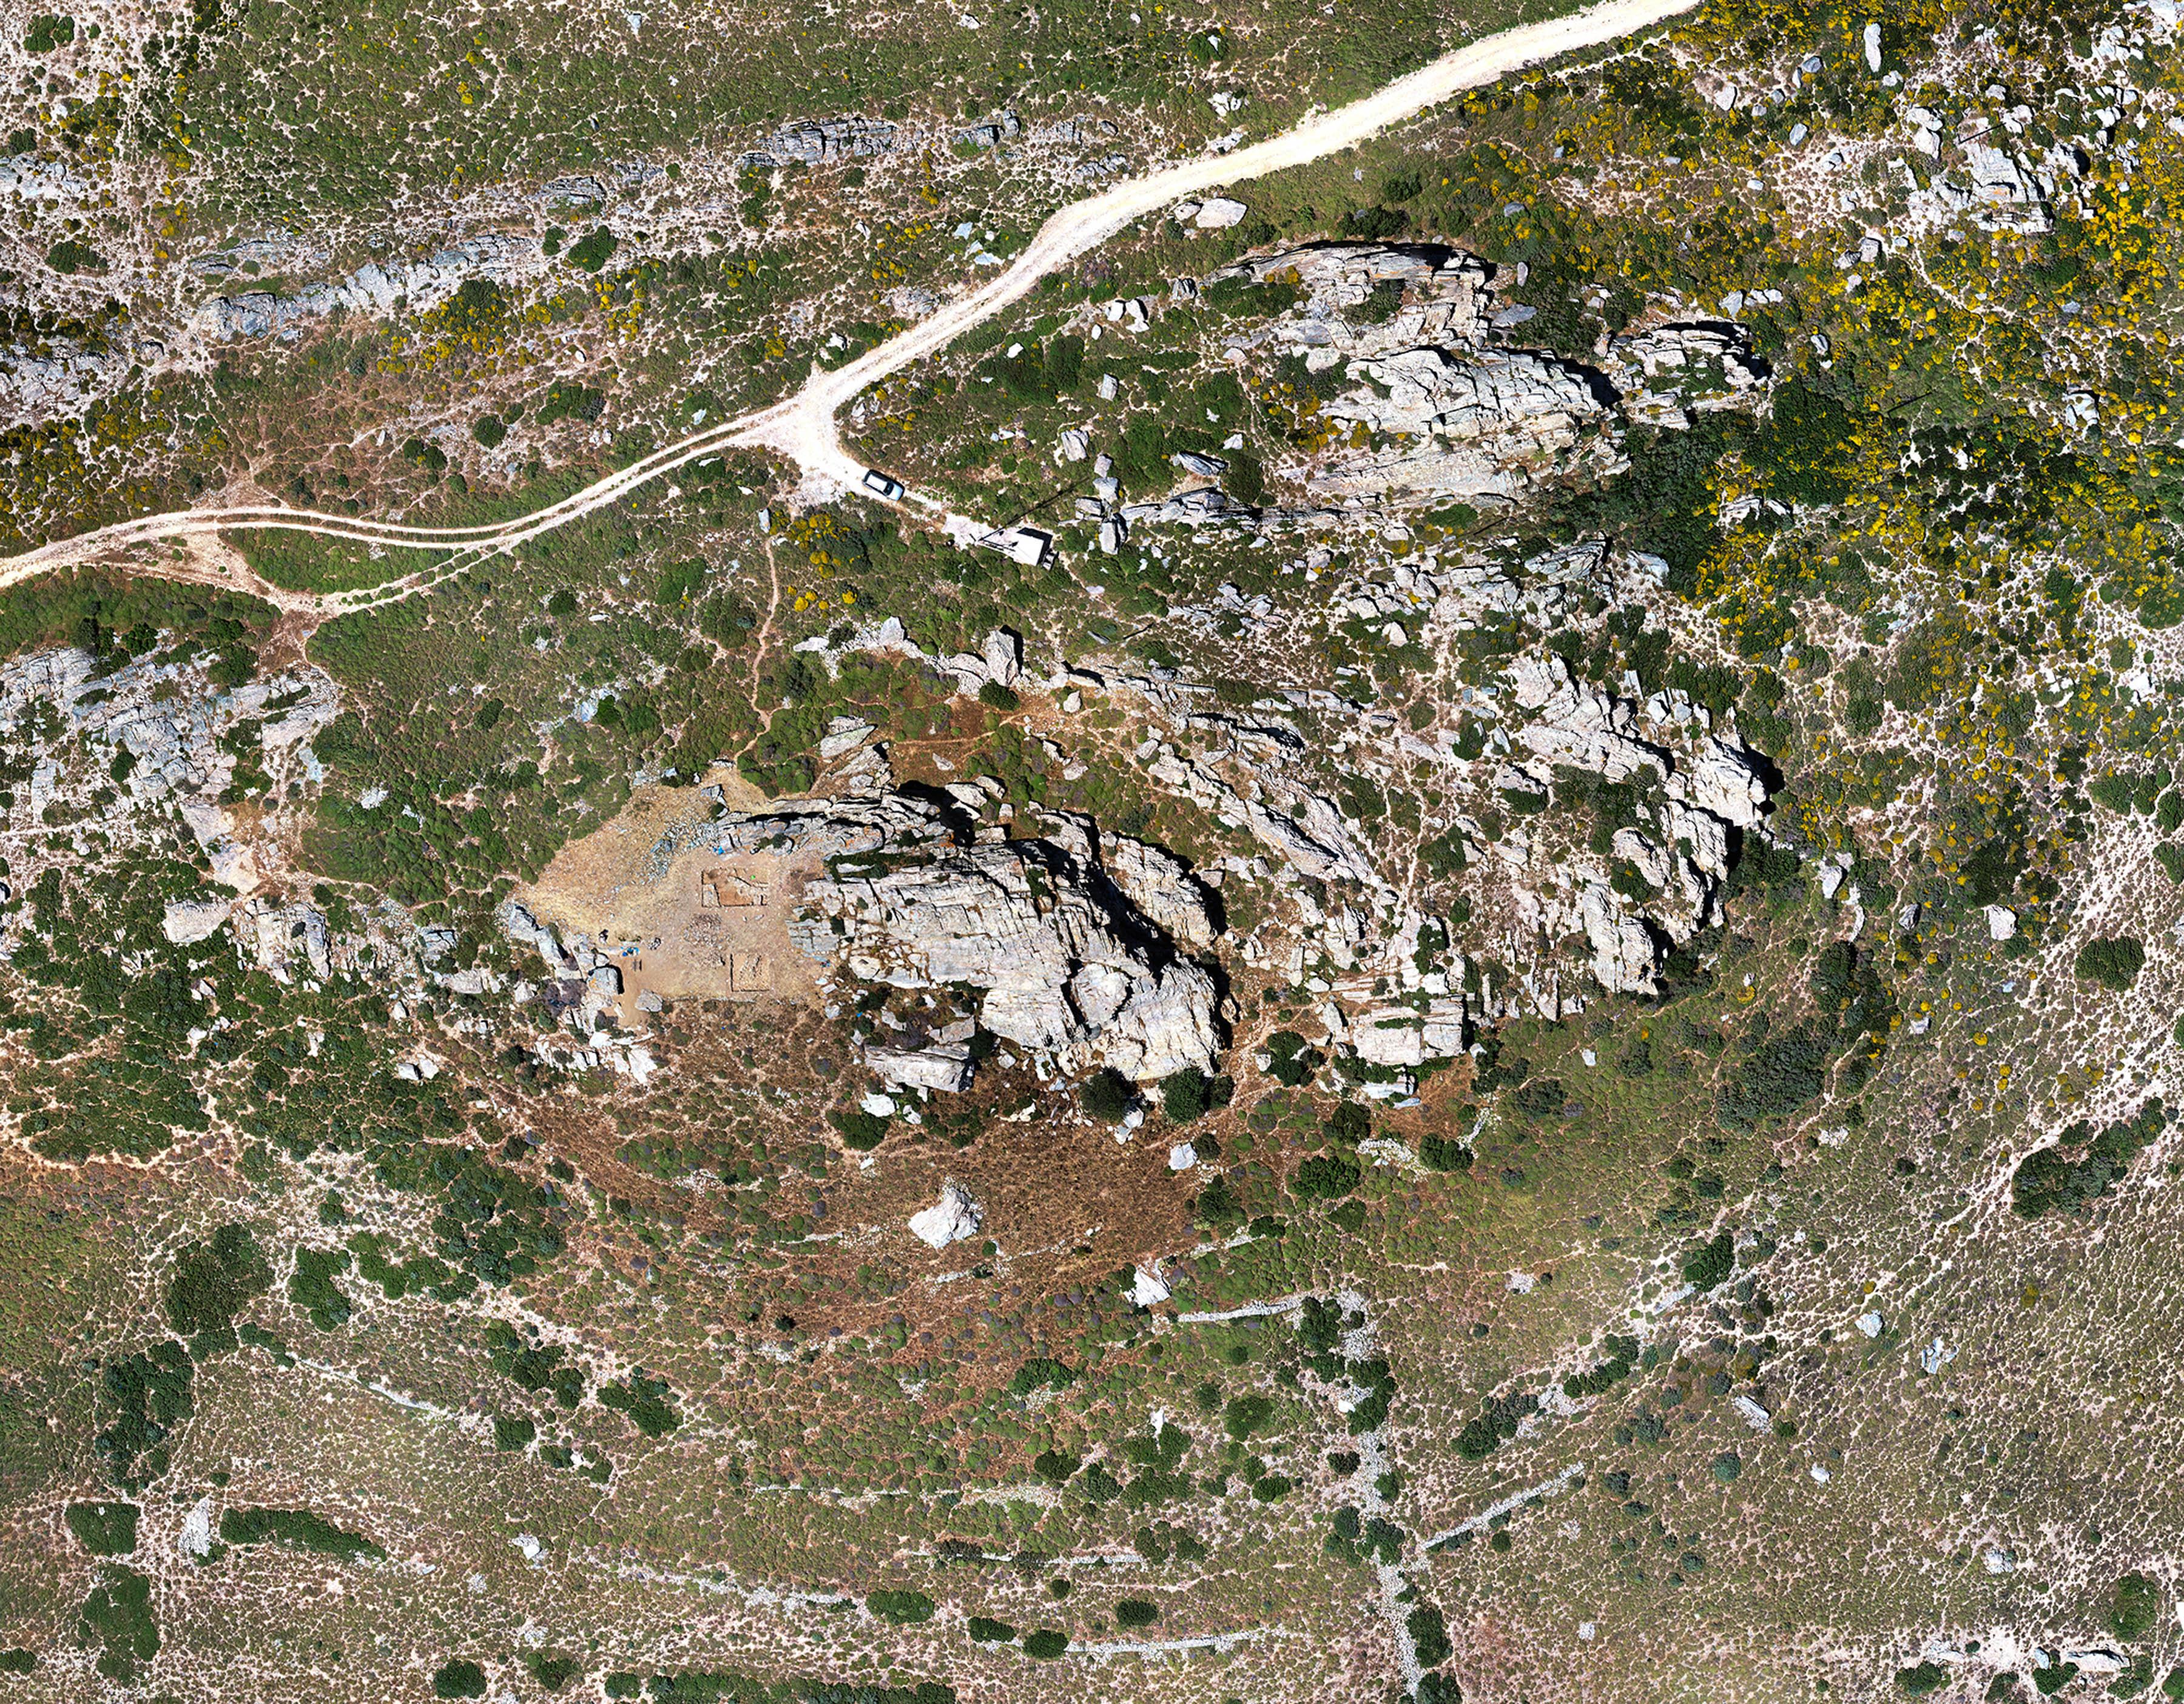 Σπουδαία αρχαιολογική ανακάλυψη στην Κάρυστο - Στο φως προϊστορικός οικισμός της Τελικής Νεολιθικής Εποχής